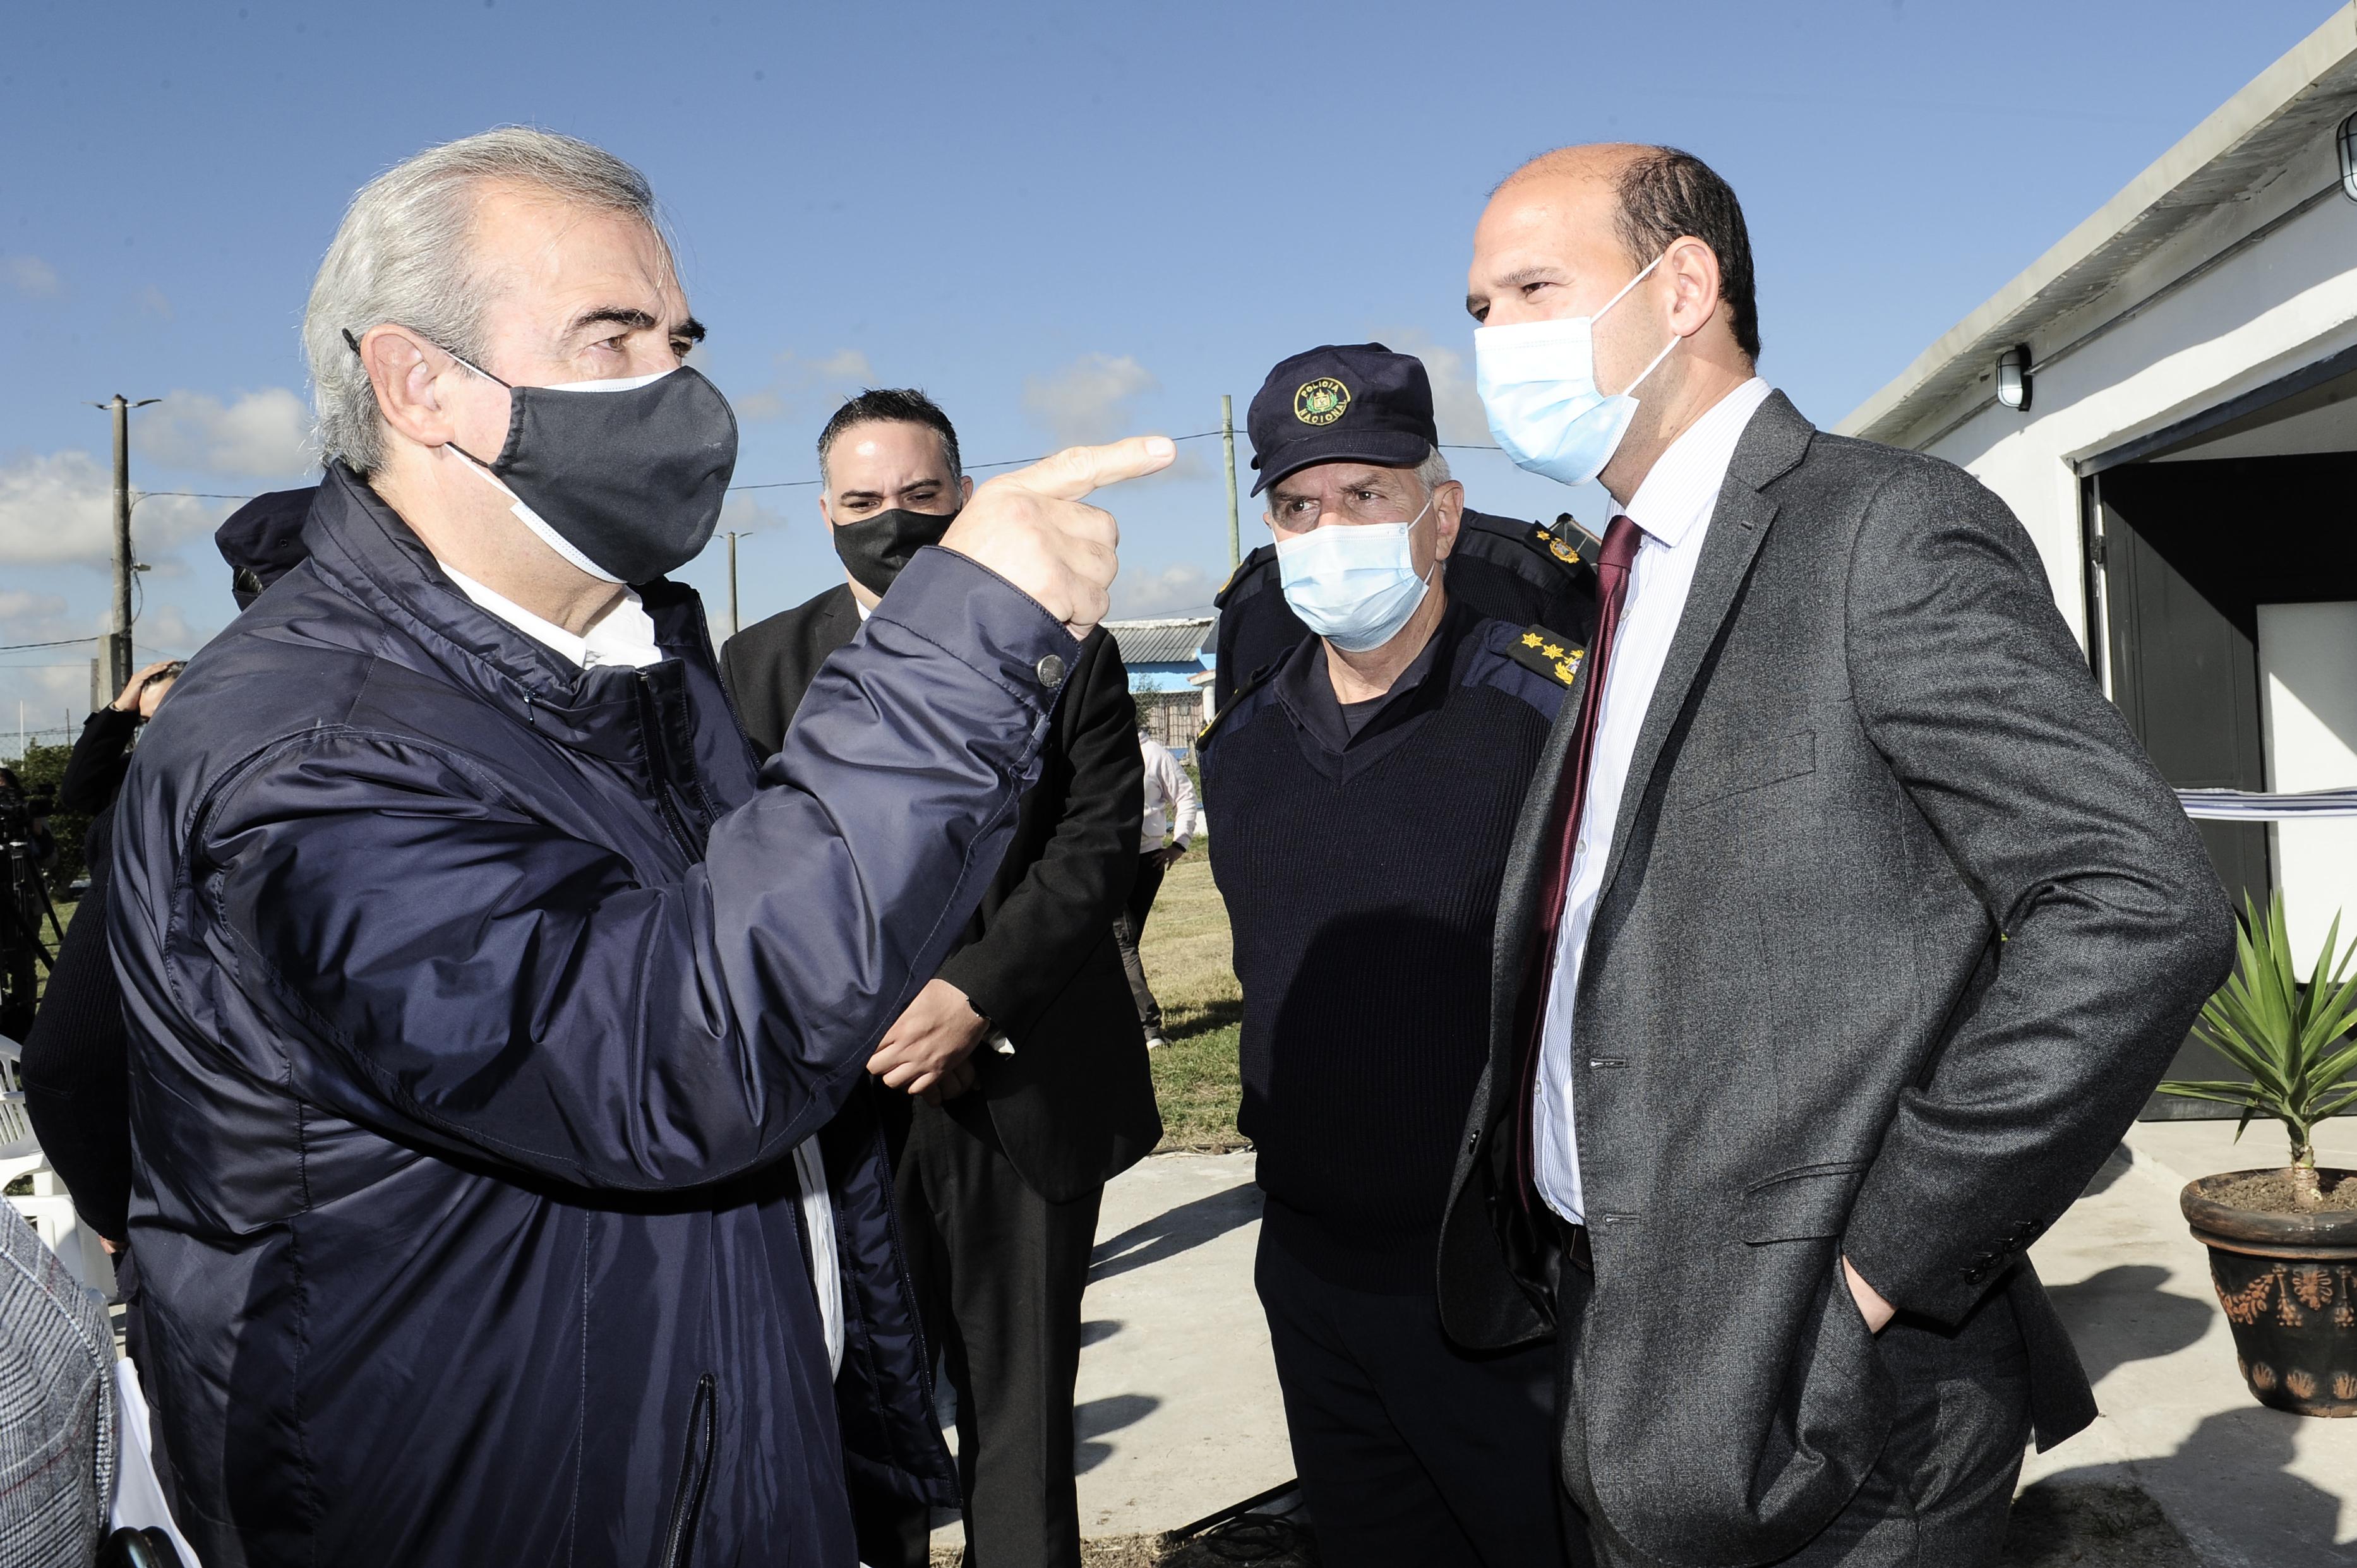 Ministro del Interior, Jorge Larrañaga, junto al ministro de Desarrollo Social, Martín Lema, en centro de preegreso de personas privadas de libertad